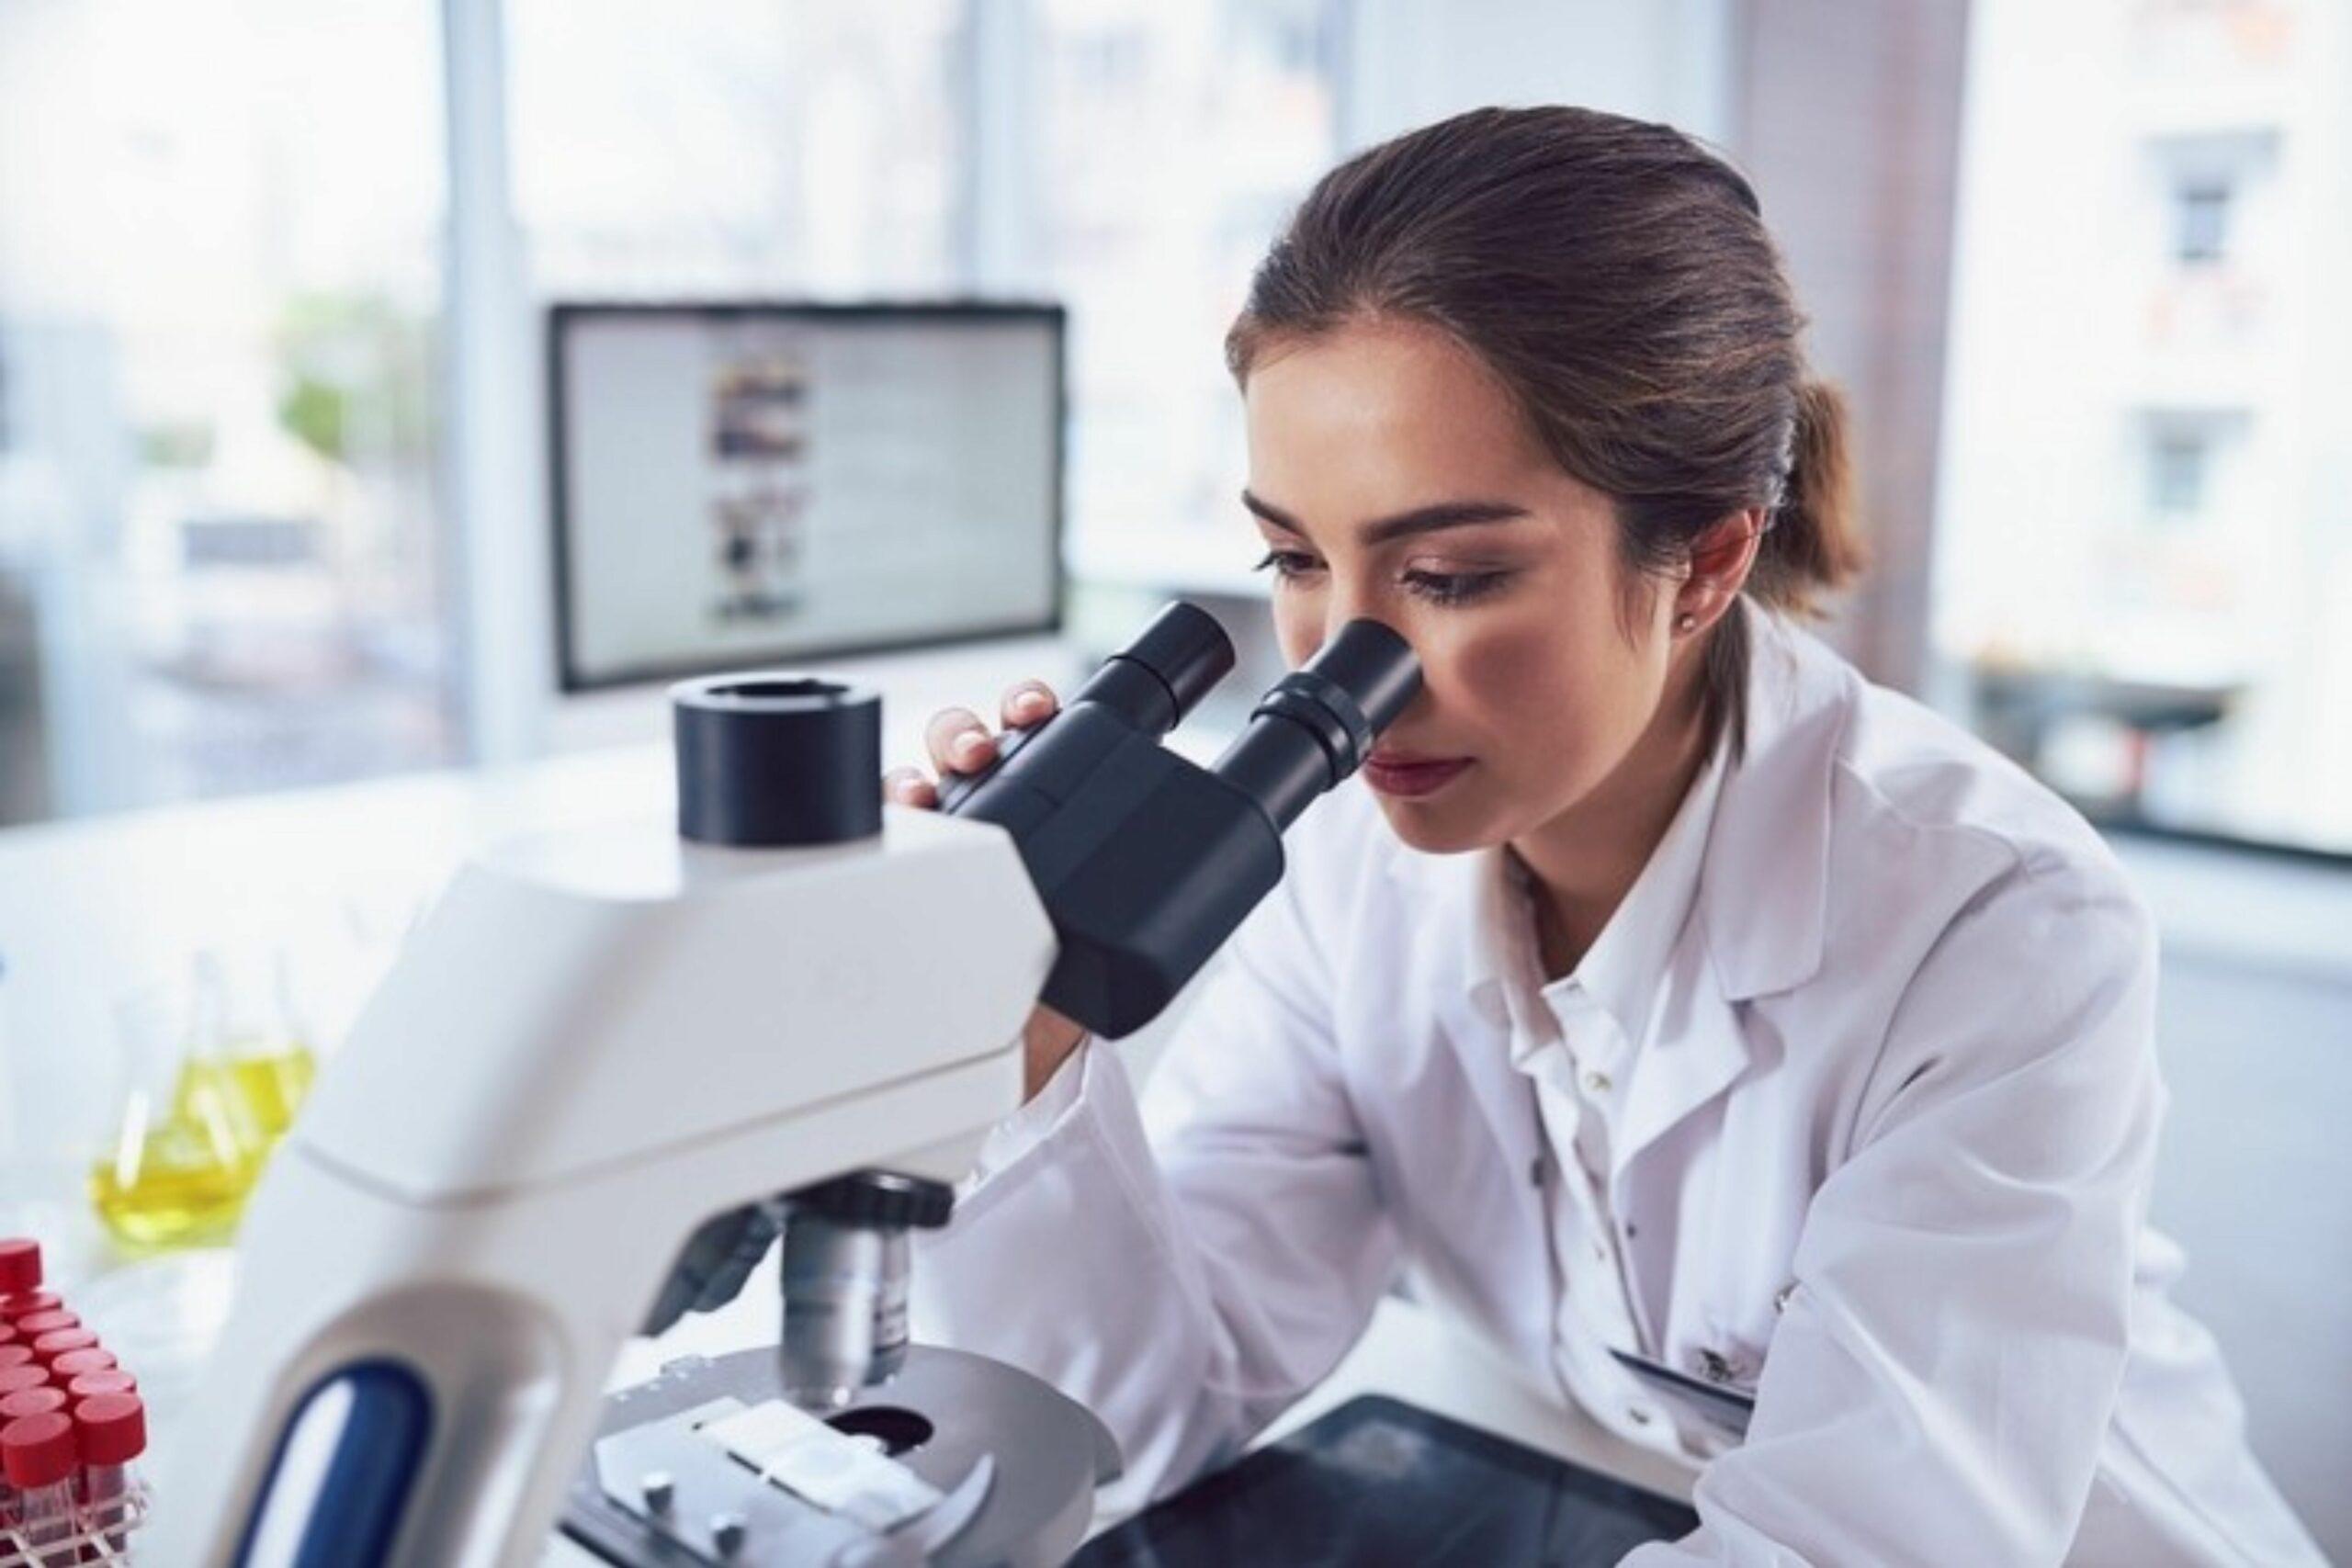 Que savez-vous de ces femmes scientifiques marocaines ?